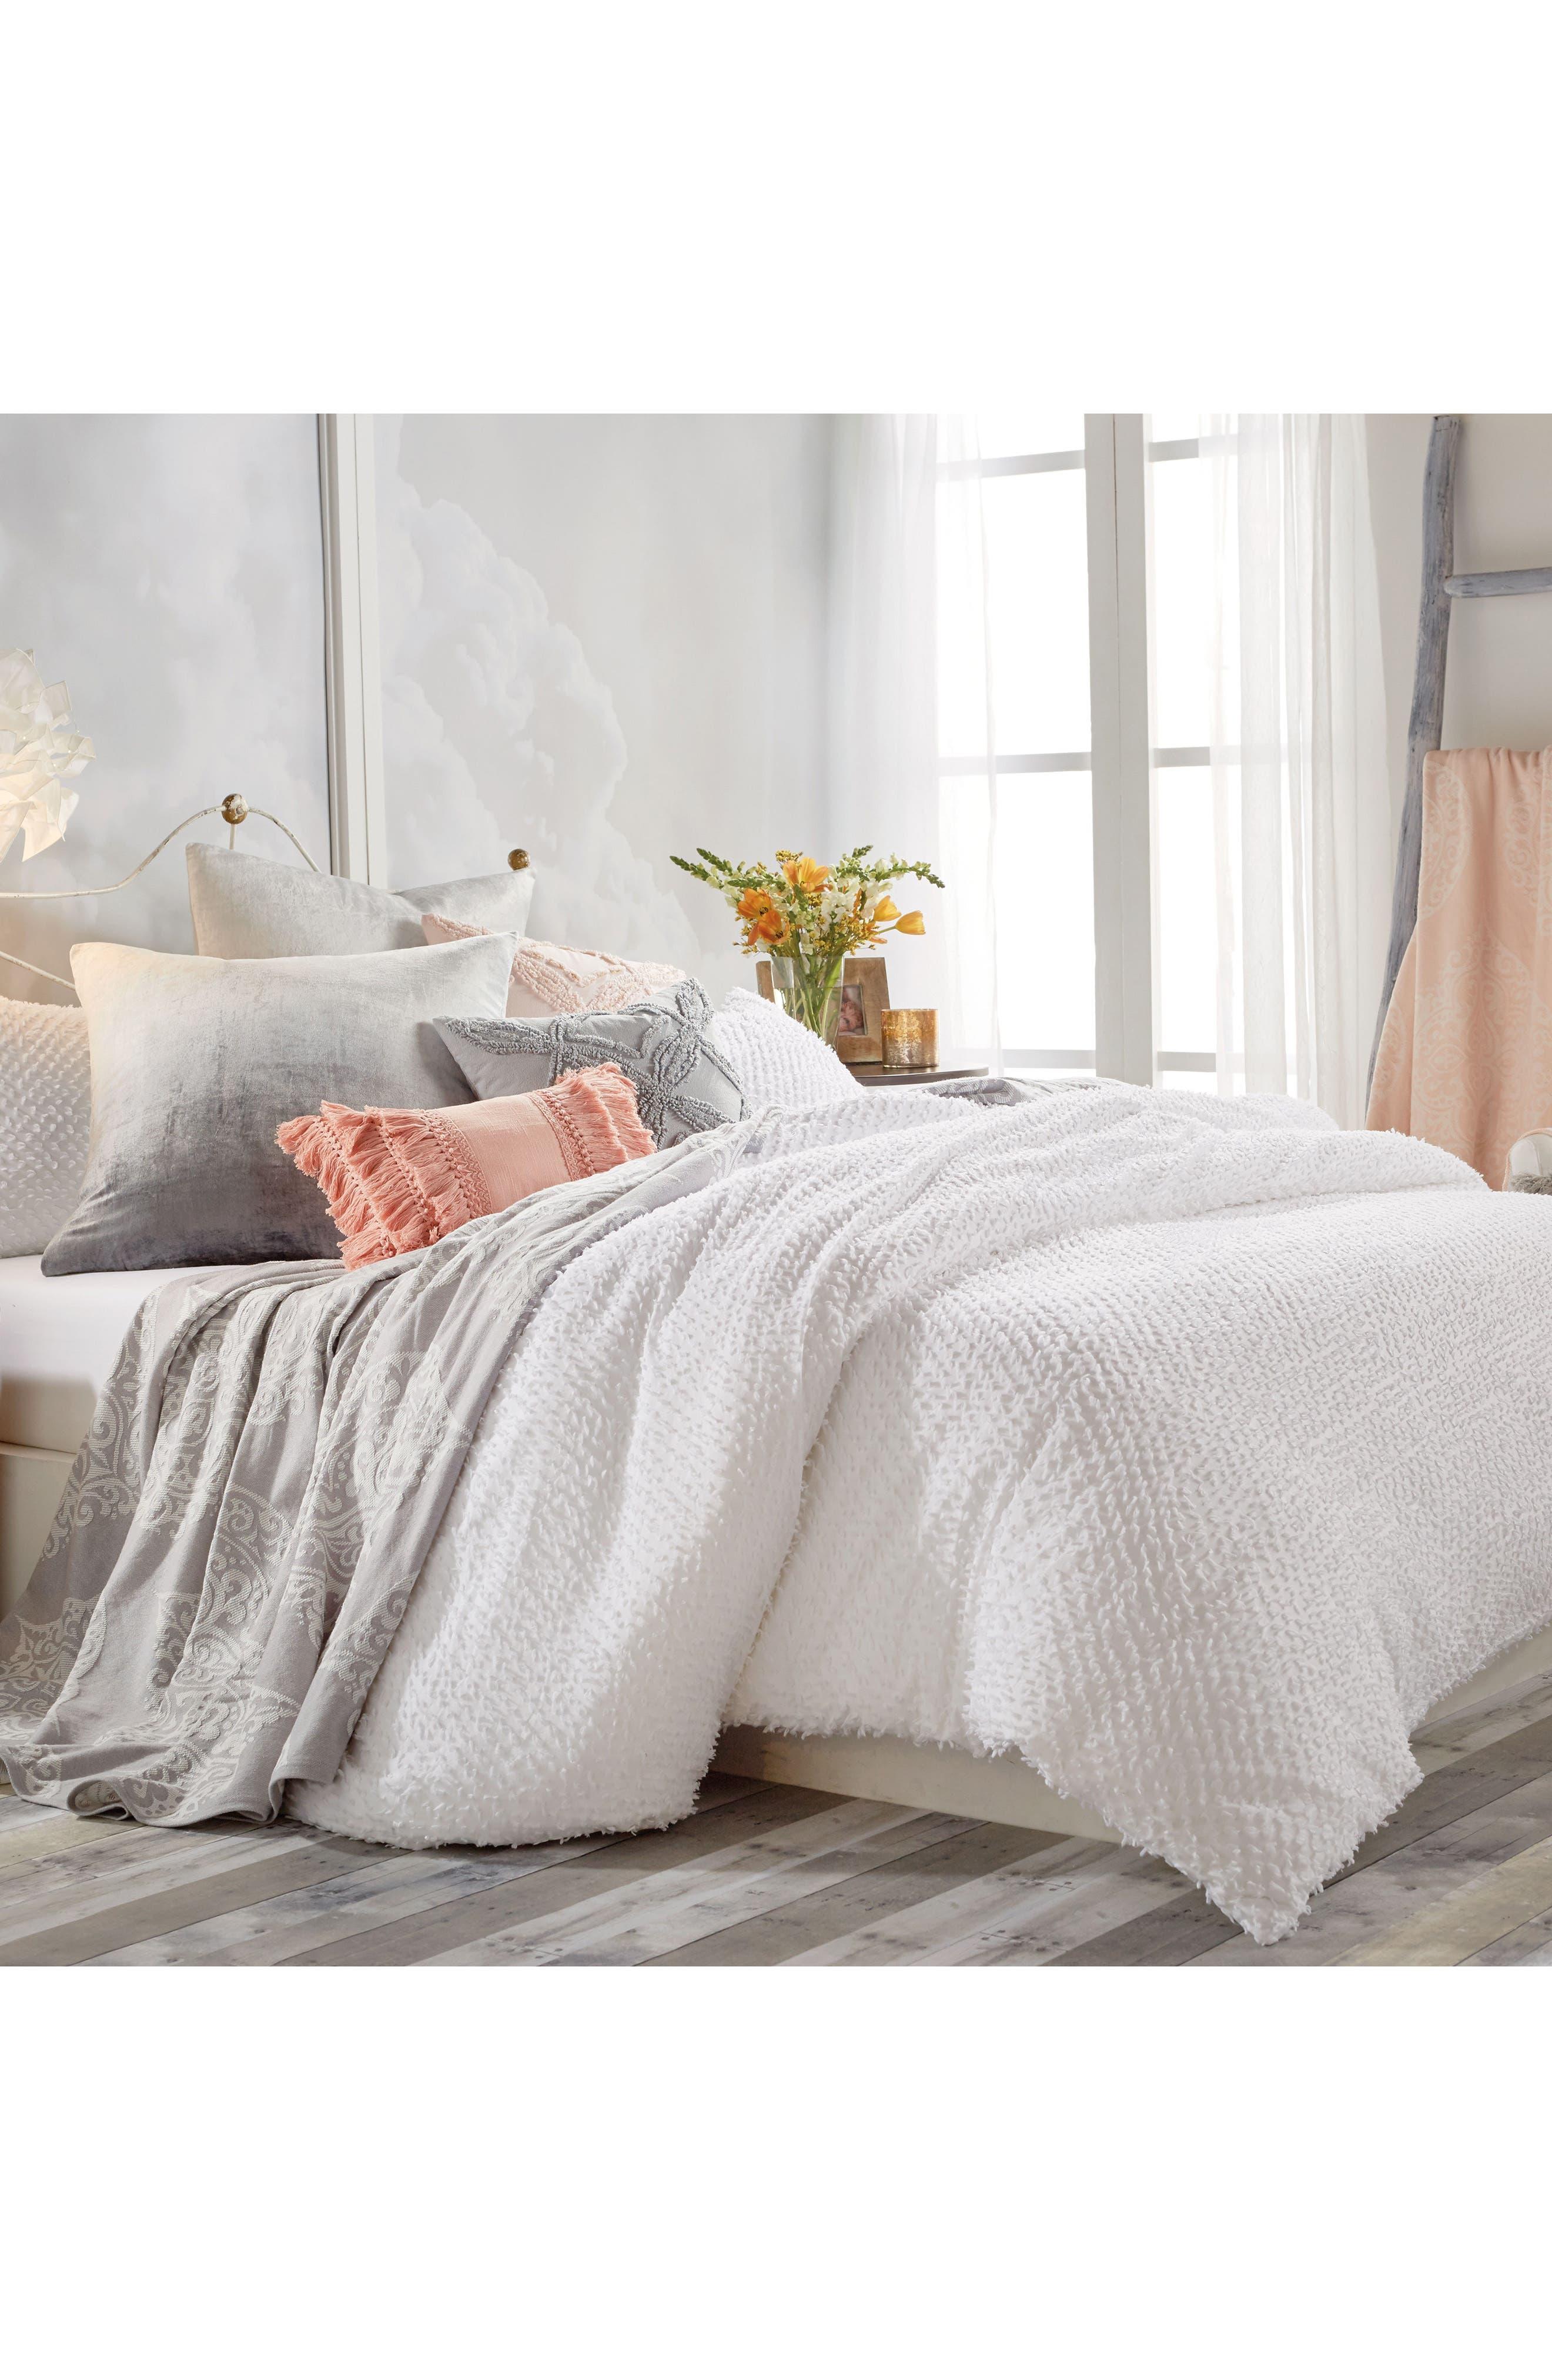 Dot Fringe Duvet Cover,                         Main,                         color, White